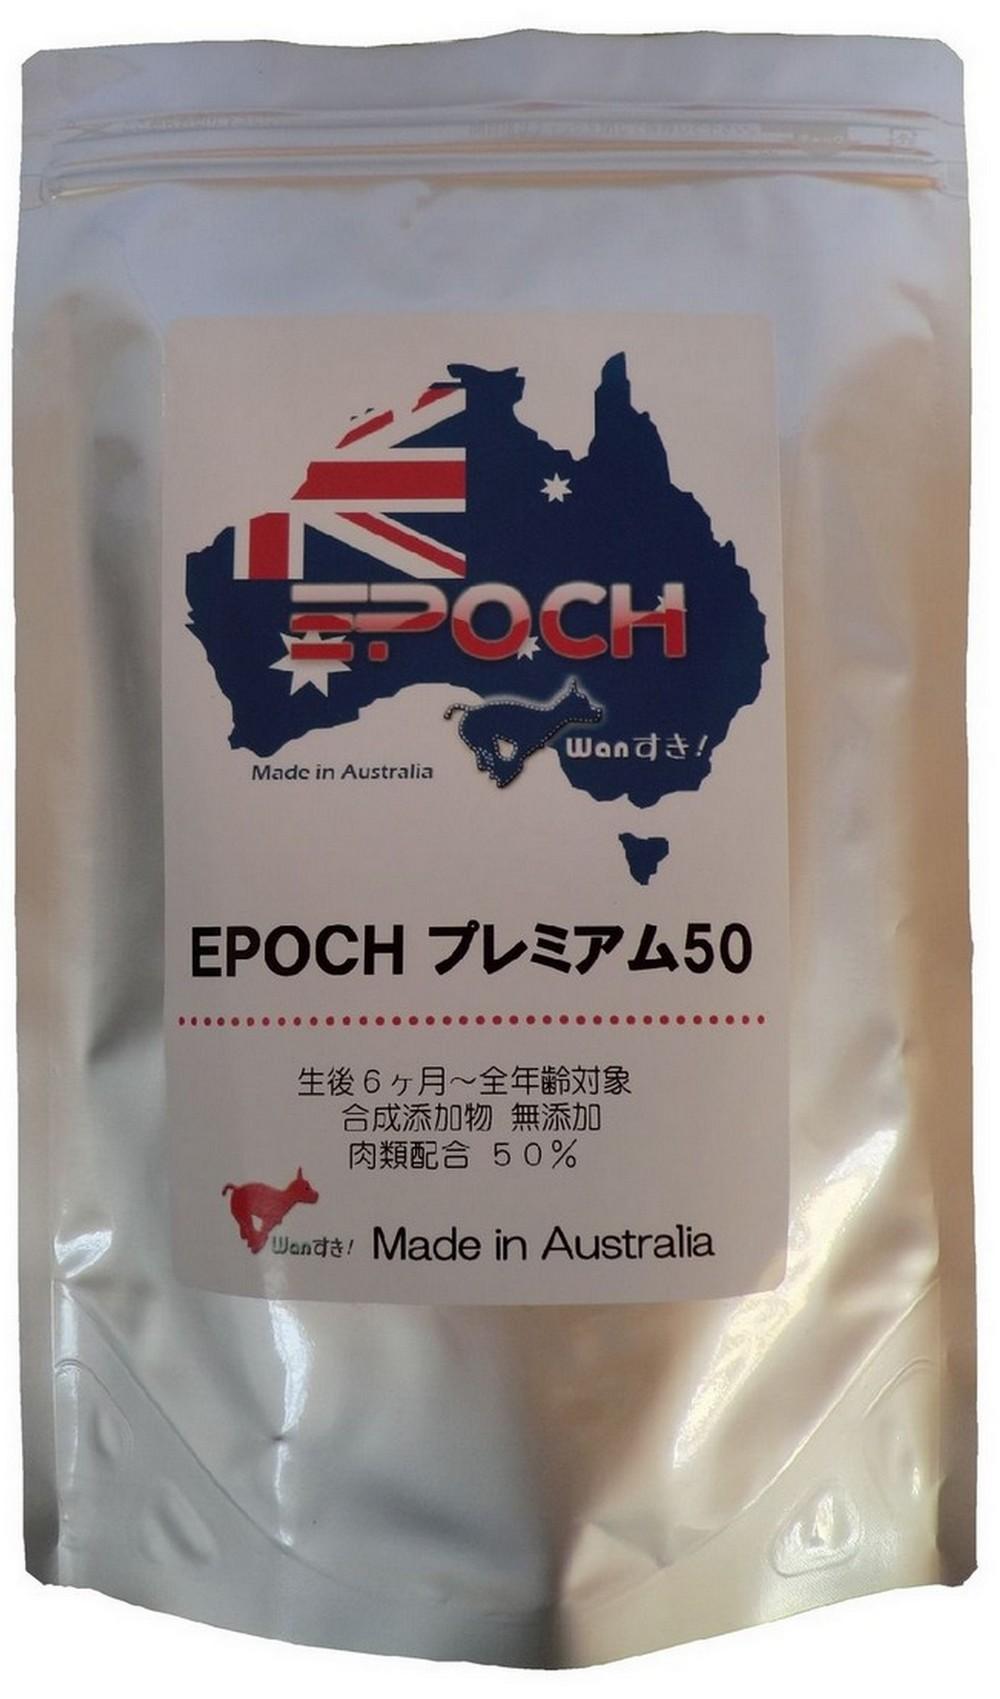 【小分けサイズ】**オーストラリア産 ドッグフード EPOCH50 羊肉使用